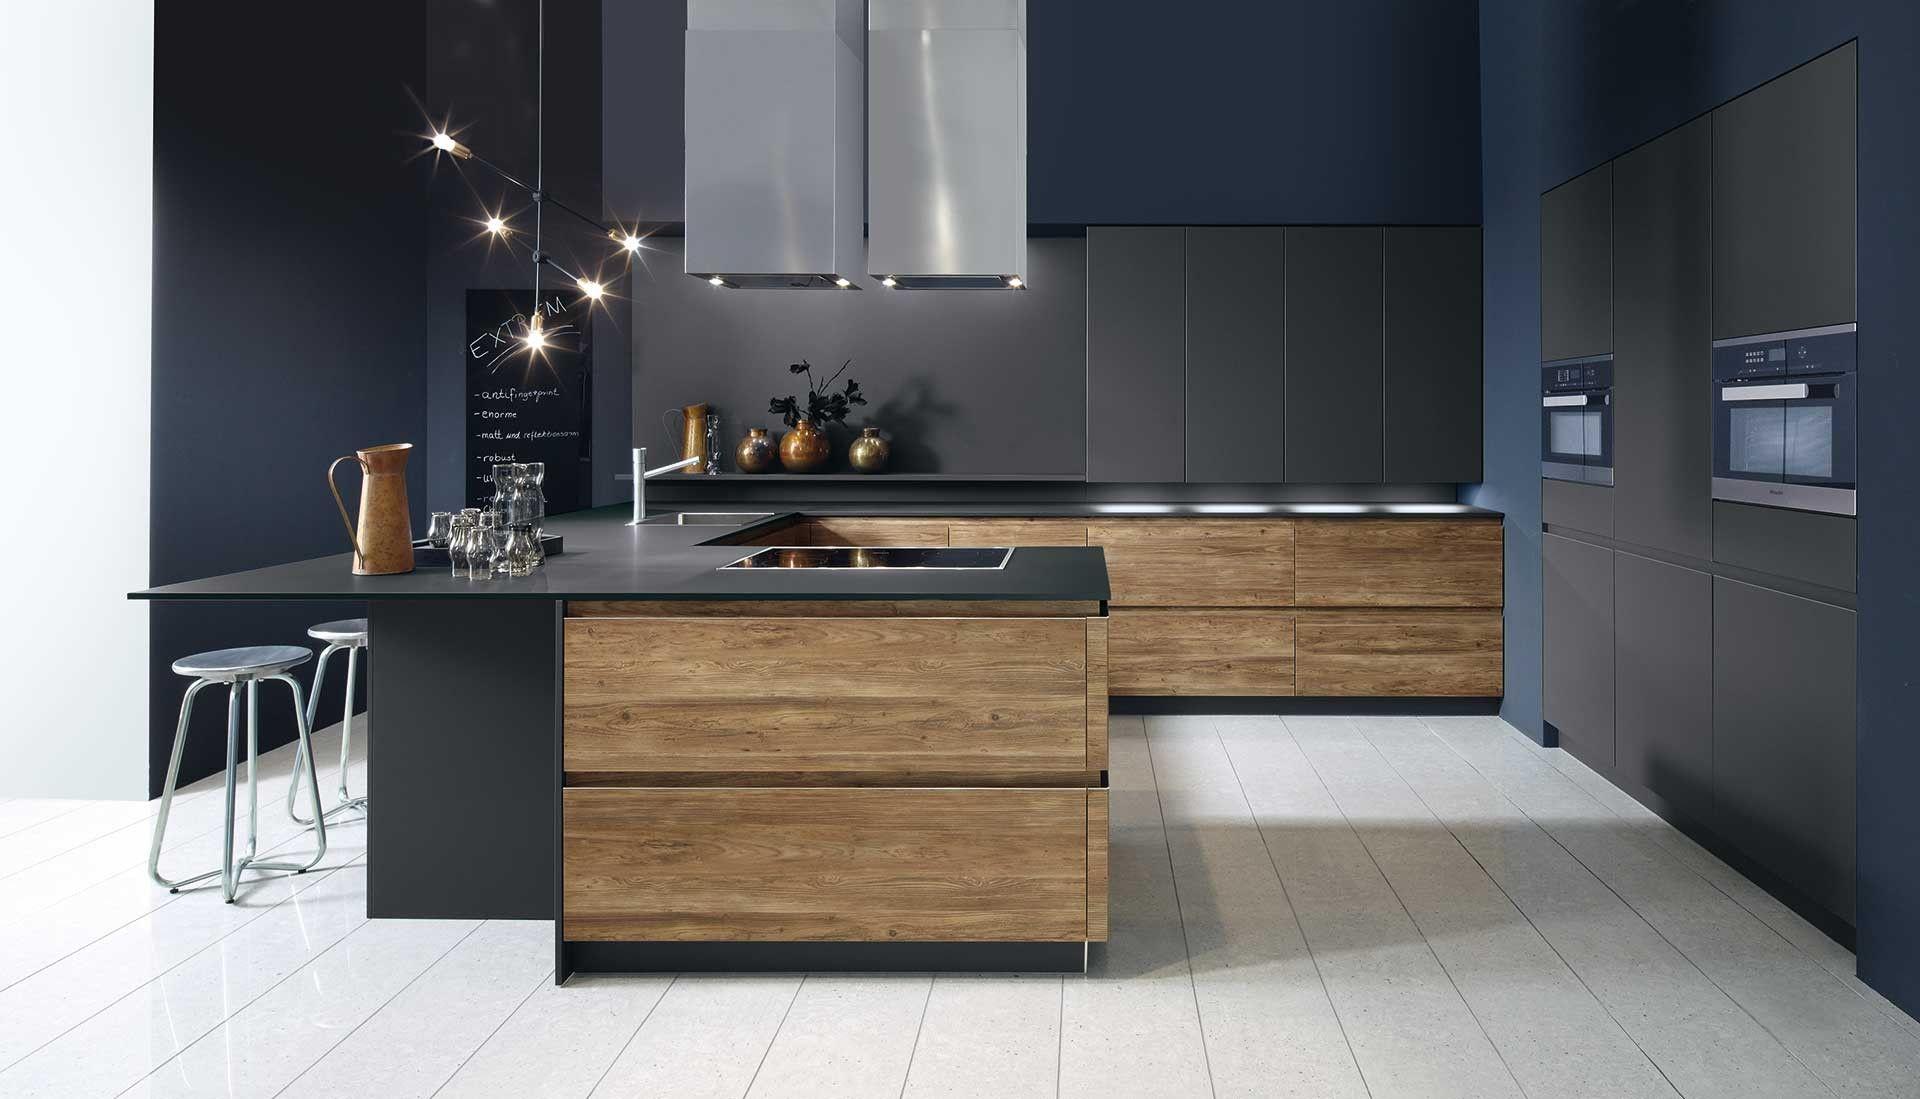 Zwarte moderne keuken met hout deze moderne keuken bevat het